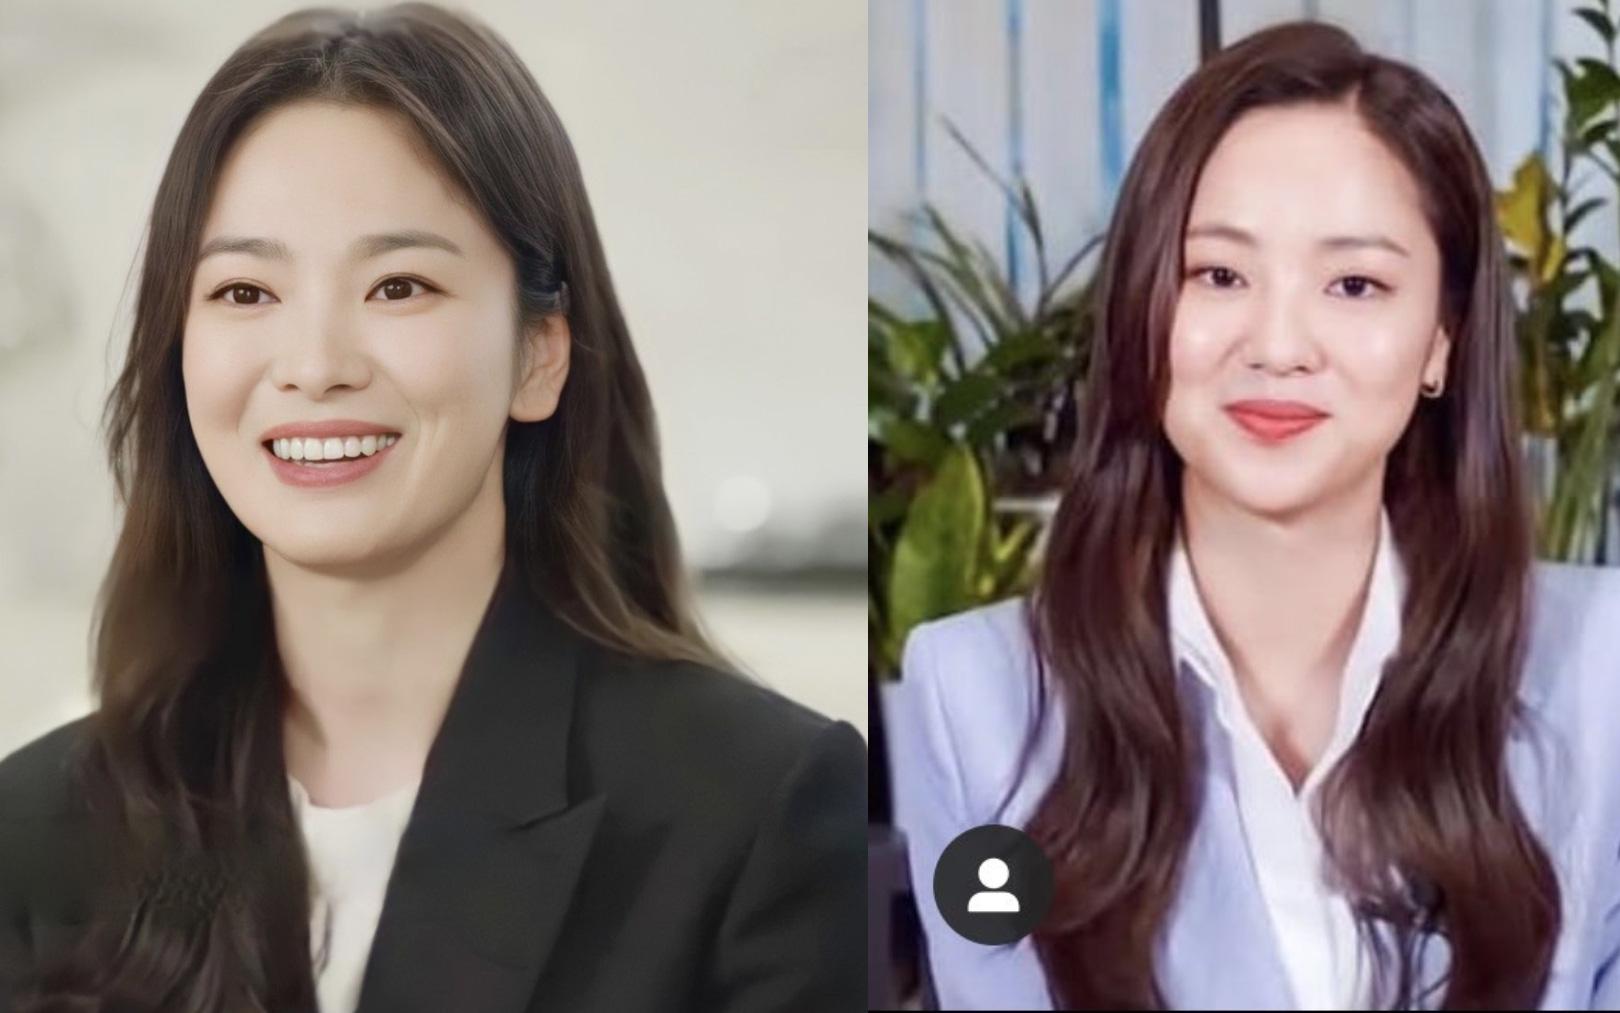 """Nhan sắc của Song Hye Kyo được so sánh giống với """"bạn gái"""" của Song Joong Ki: Như hai chị em sinh đôi?"""